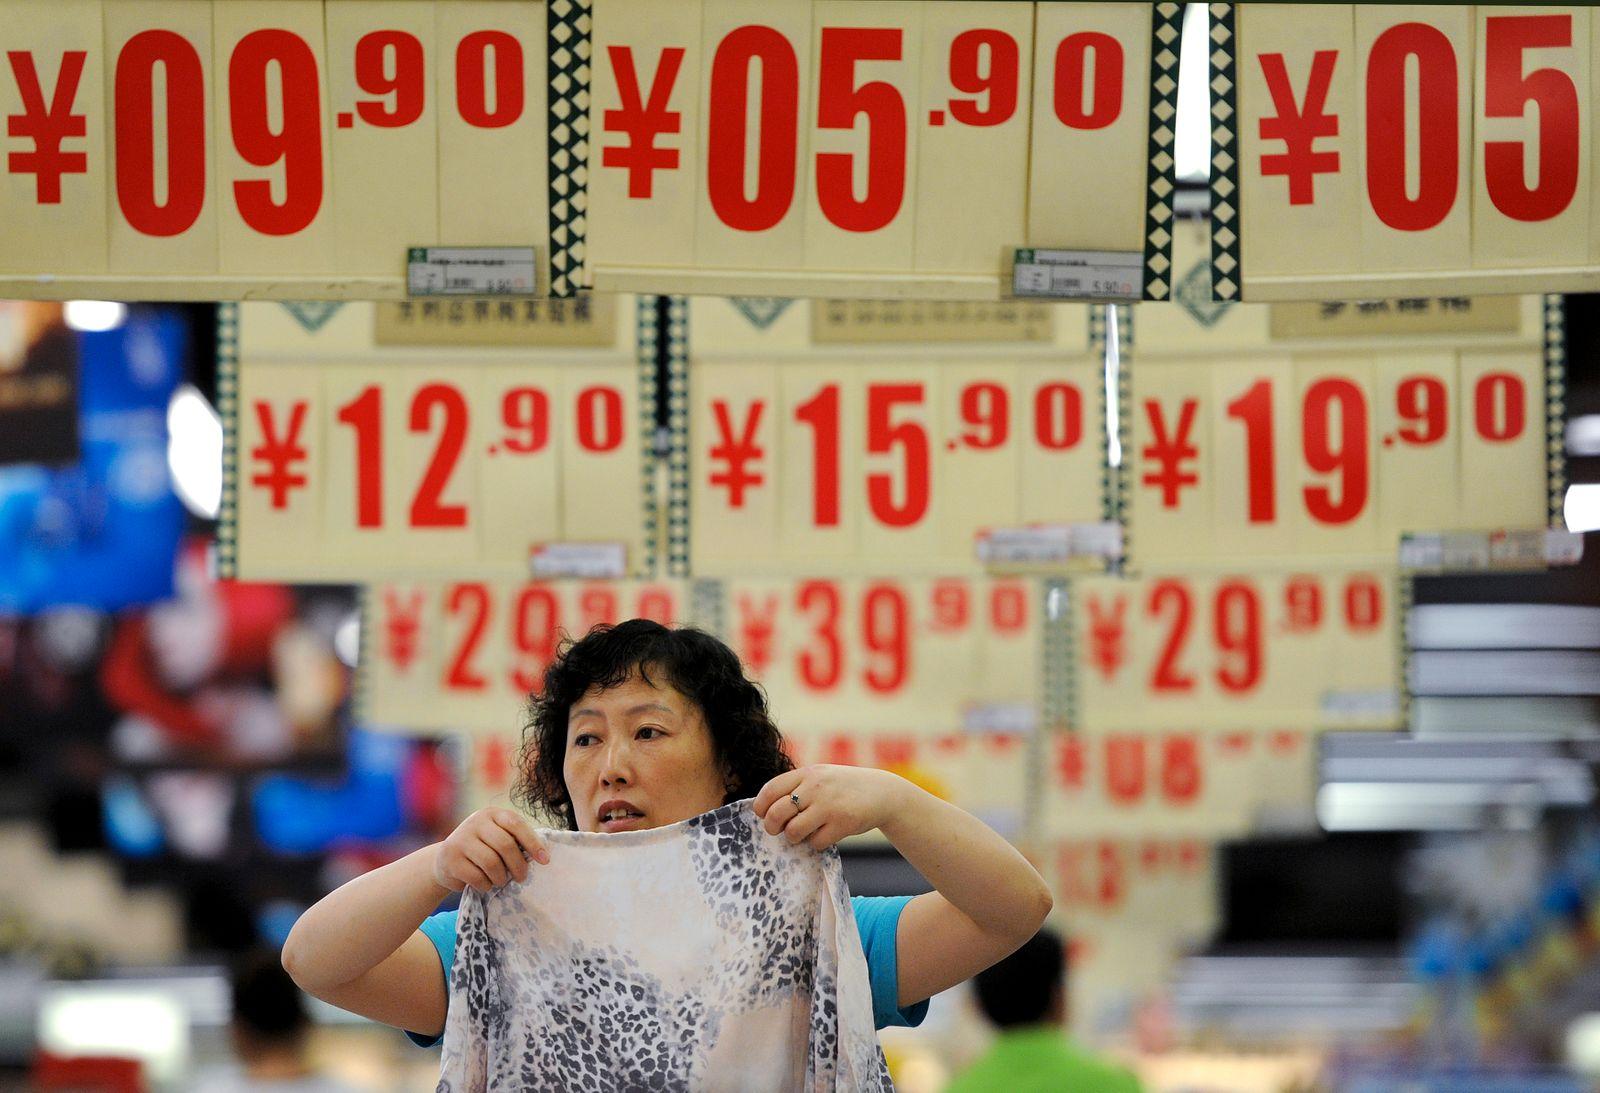 Preisschilder Supermarkt China